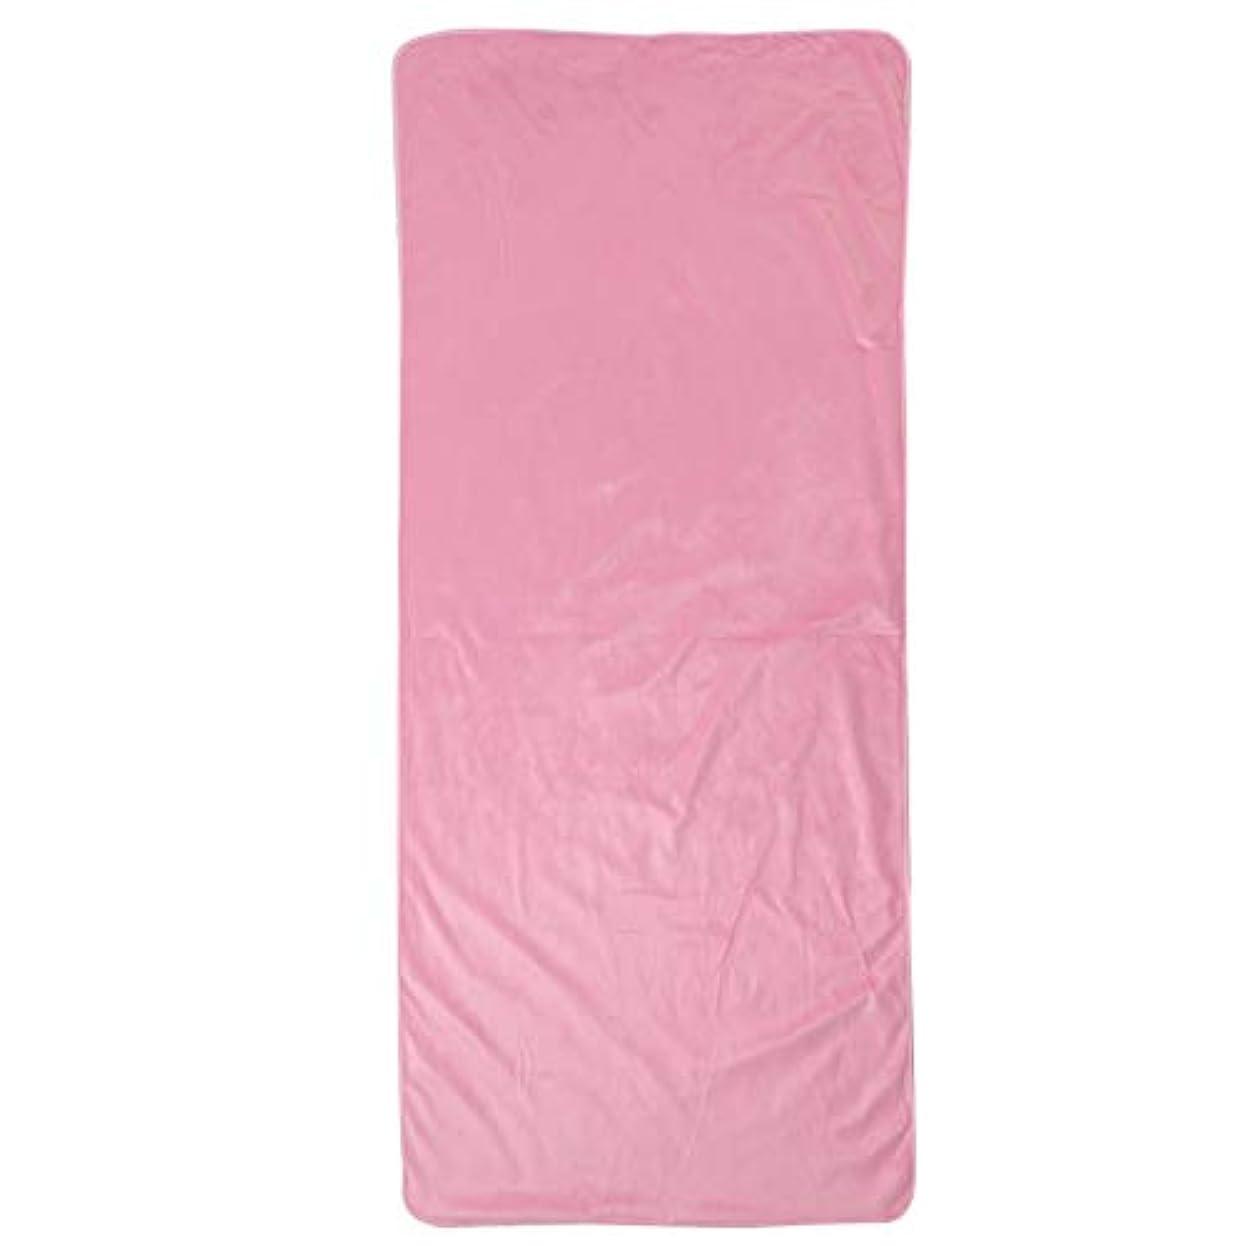 期待して安西ハングマッサージベッドカバー スパ 美容ベッド エステベッドシーツ 通気性 快適